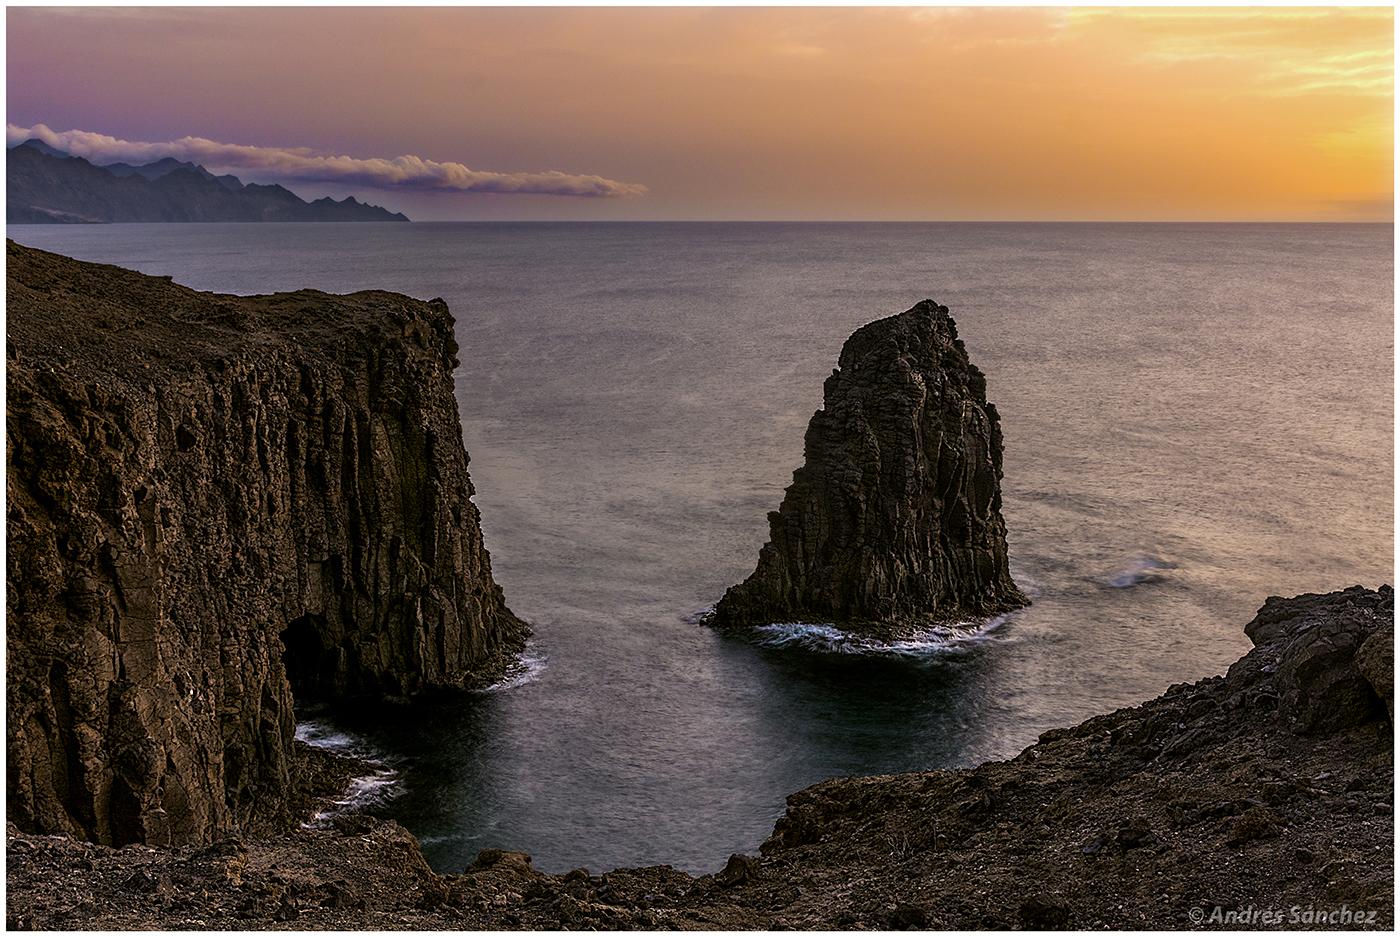 Shutterstock: Banco de imágenes. Fotos y vectores libres de